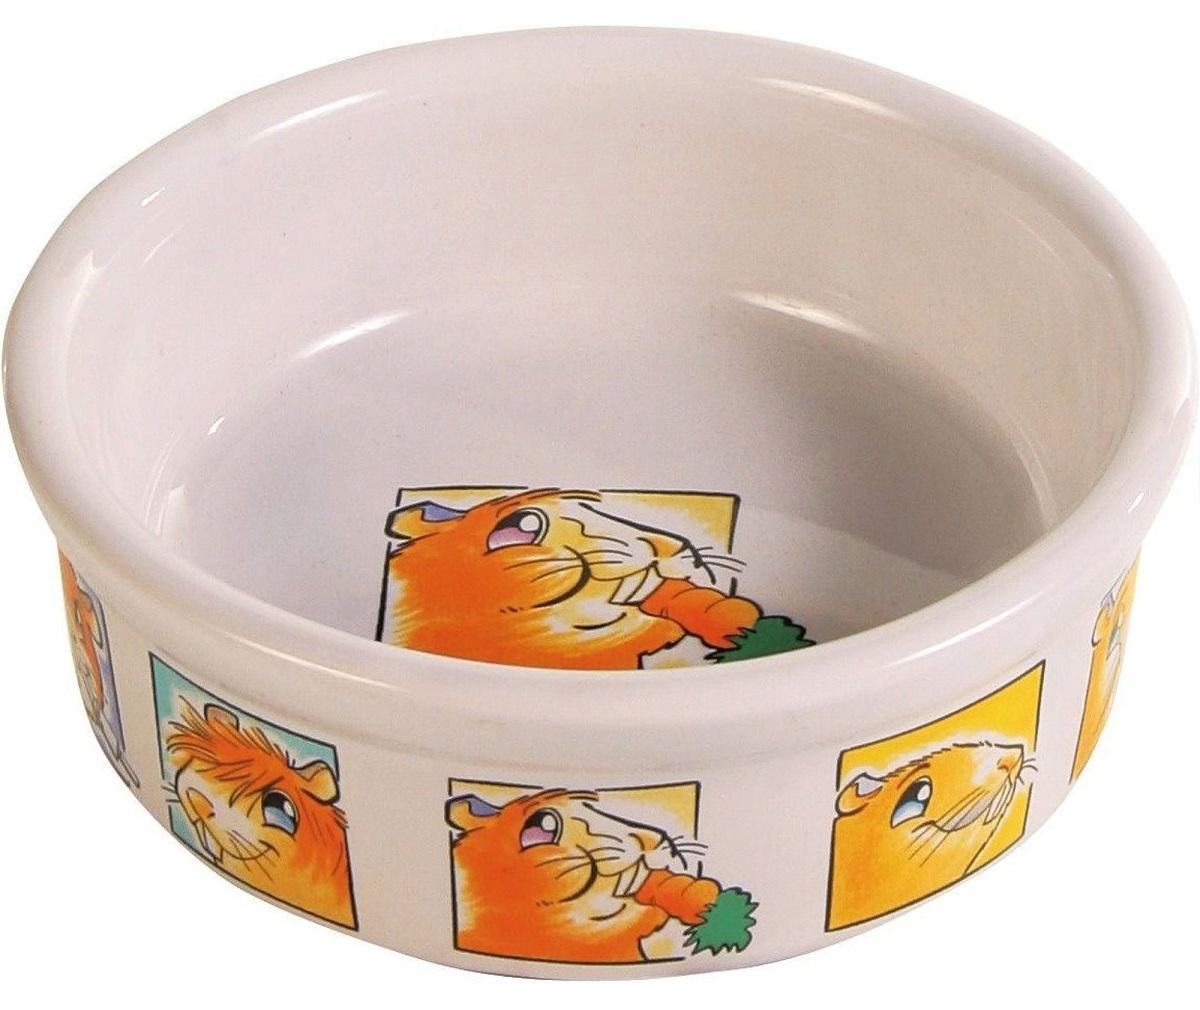 миска керамическая trixie для морской свинки. объем 300 мл. диаметр 11,5 см